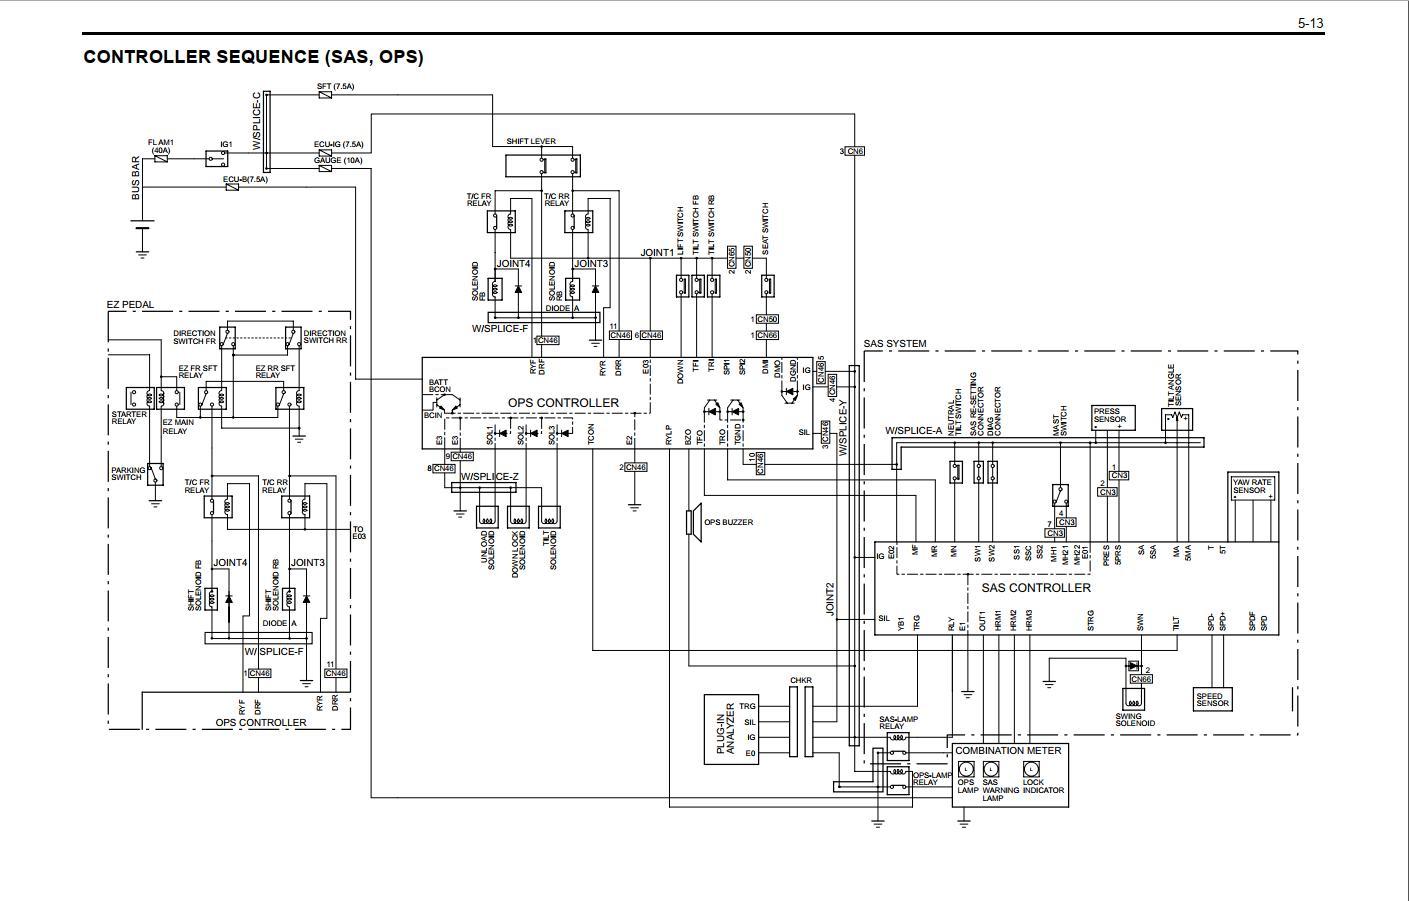 Toyota Forklift Wiring Diagram - Diagram Wiring Club brown-visit -  brown-visit.pavimentazionisgarbossavicenza.itpavimentazionisgarbossavicenza.it